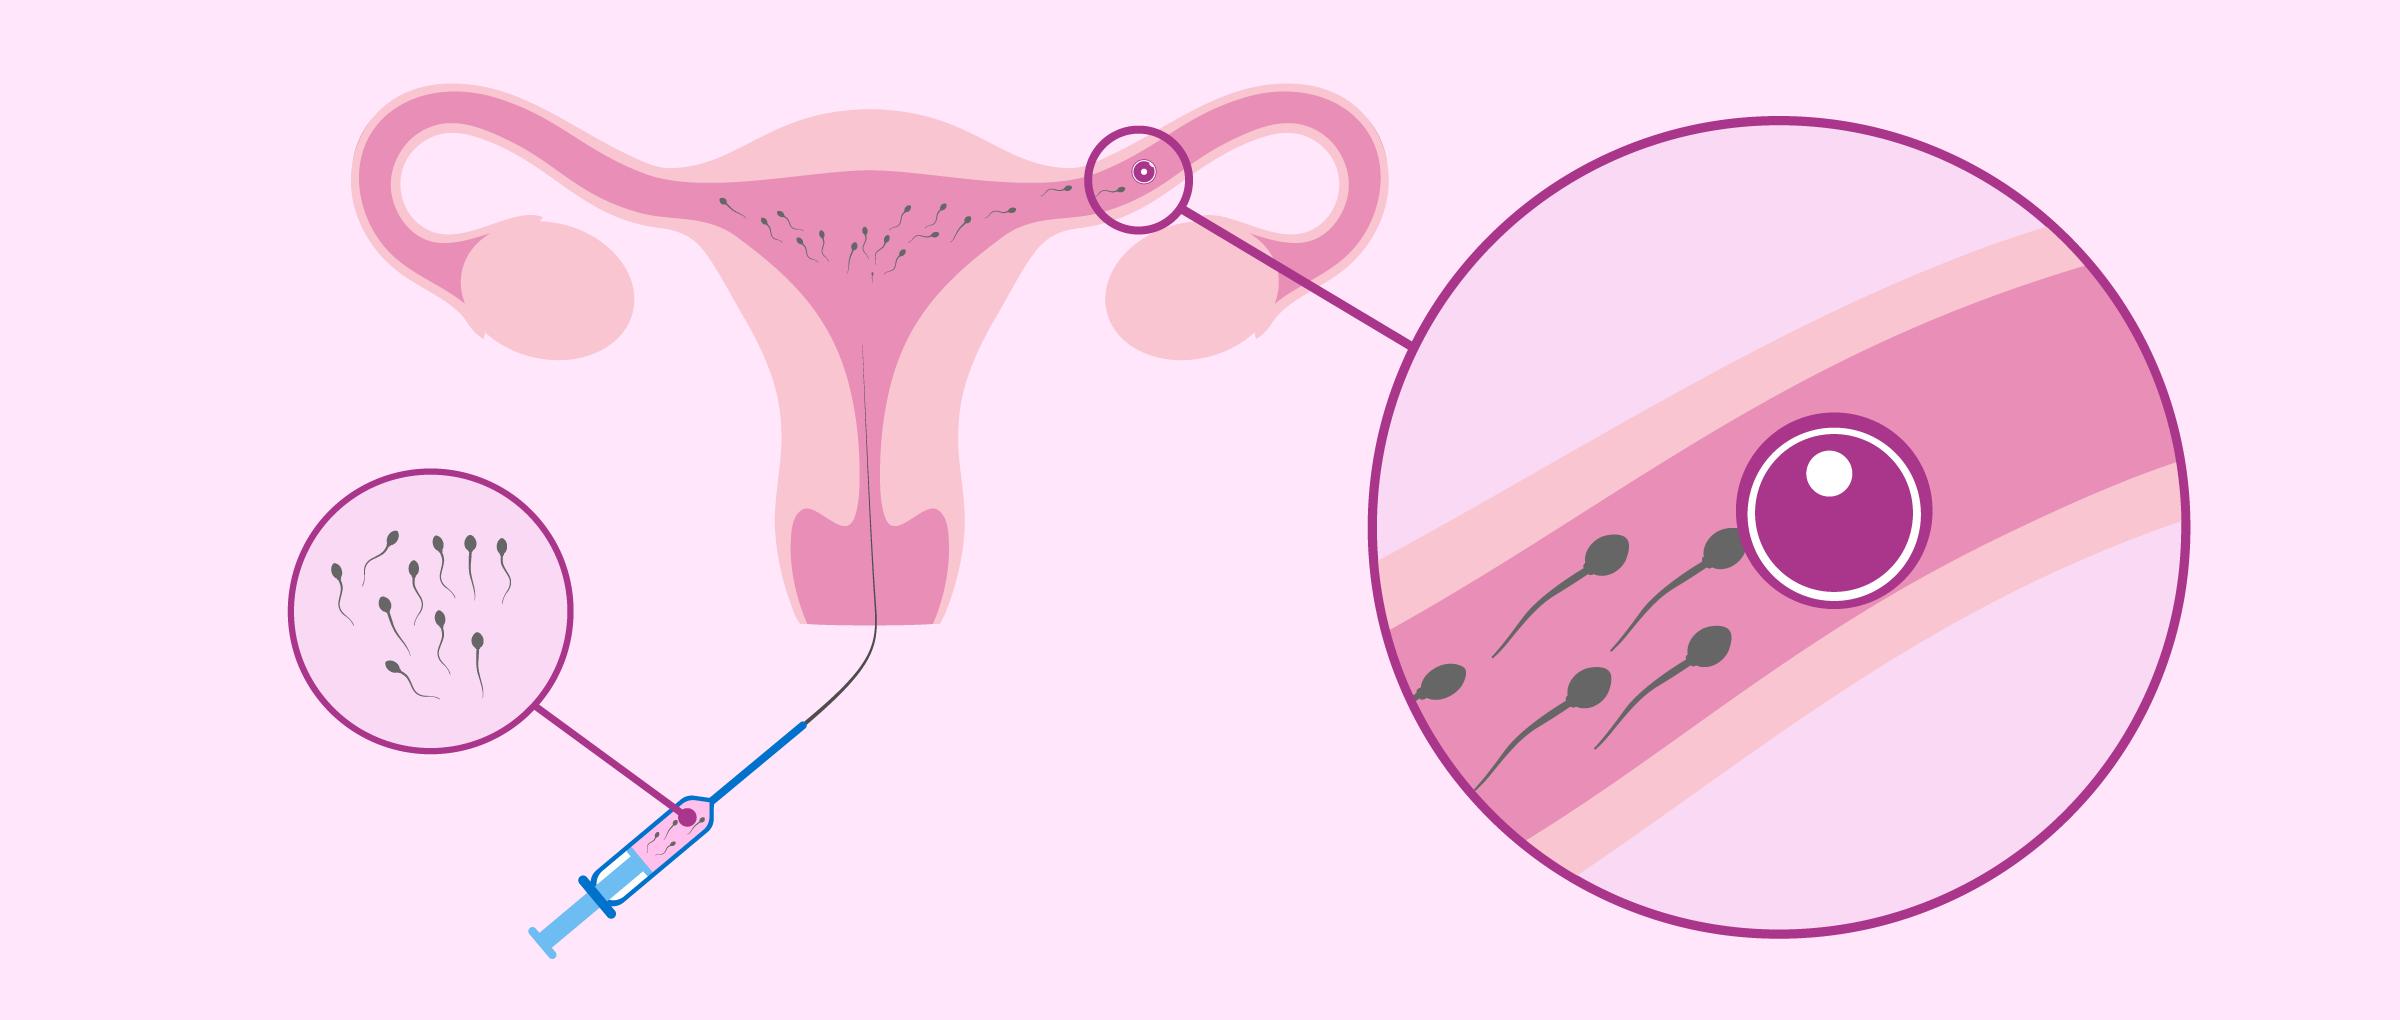 ¿Qué es la inseminación artificial y qué tipos existen?